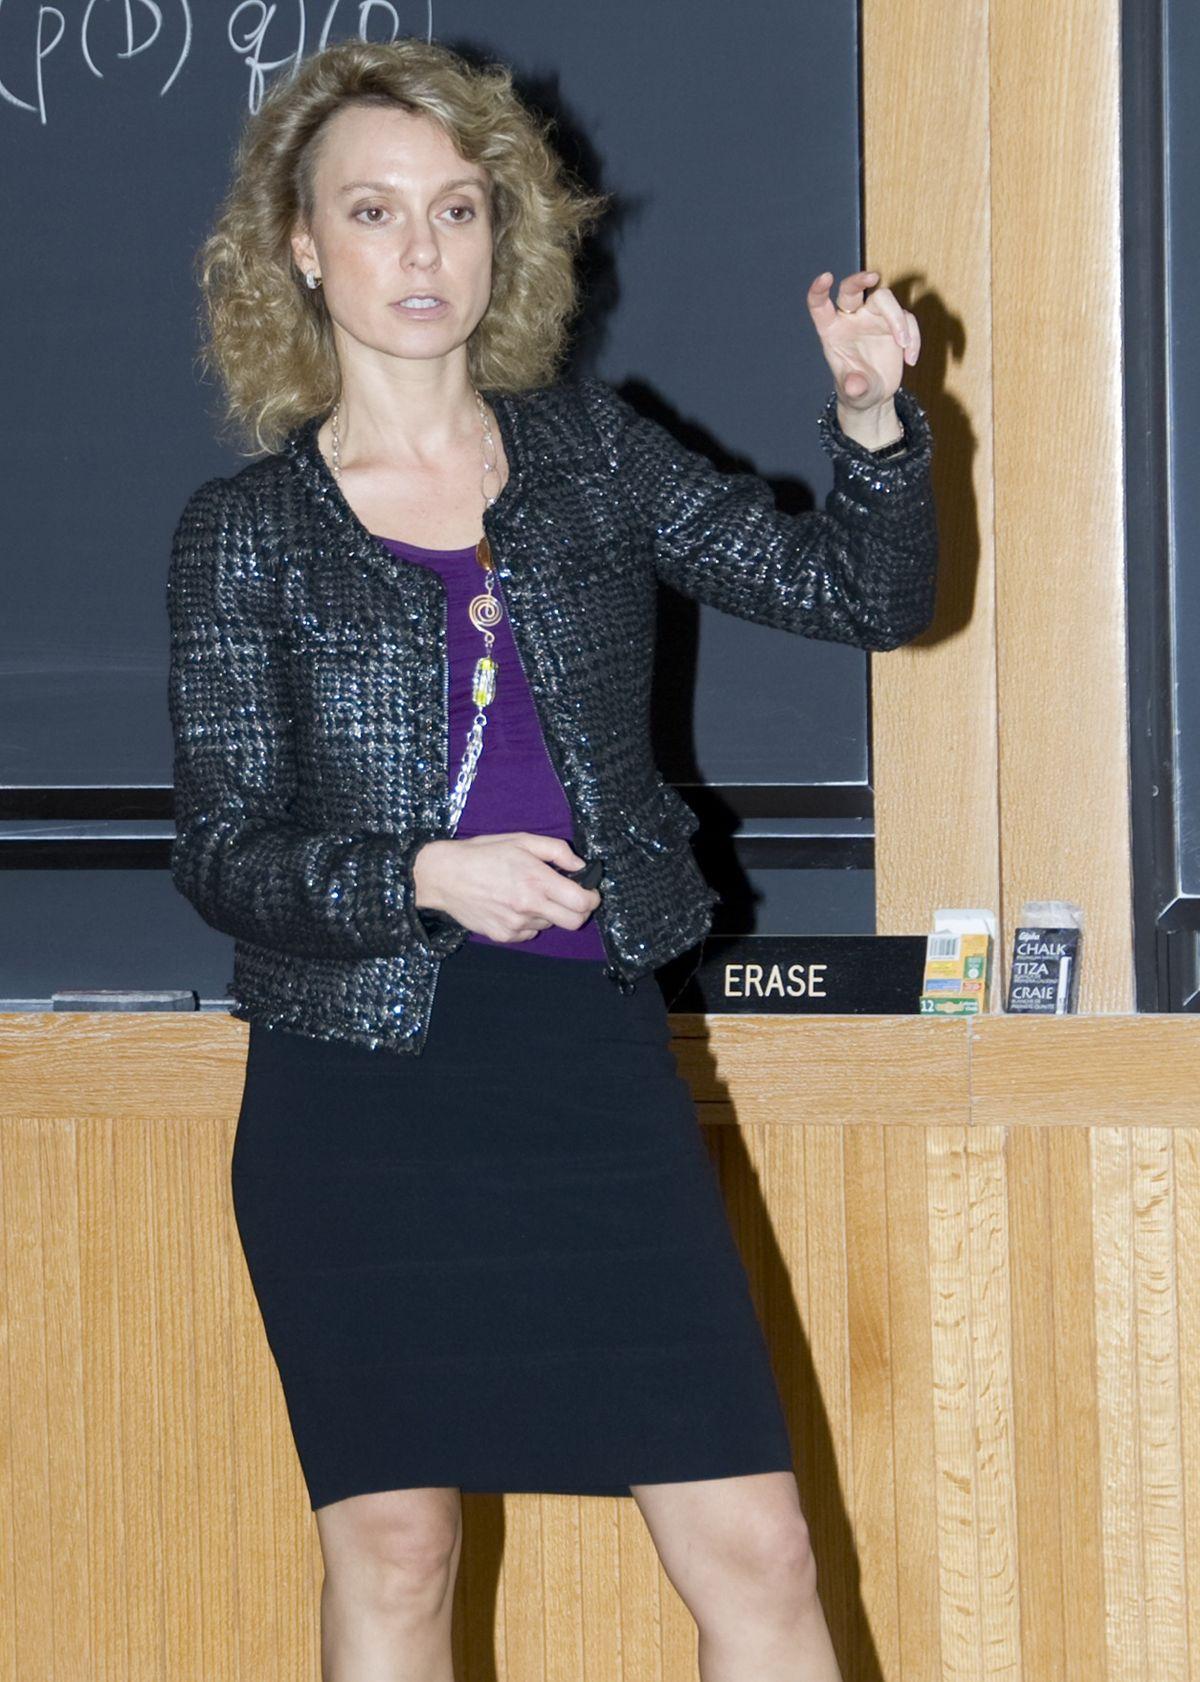 Olga Holtz - Wikipedia